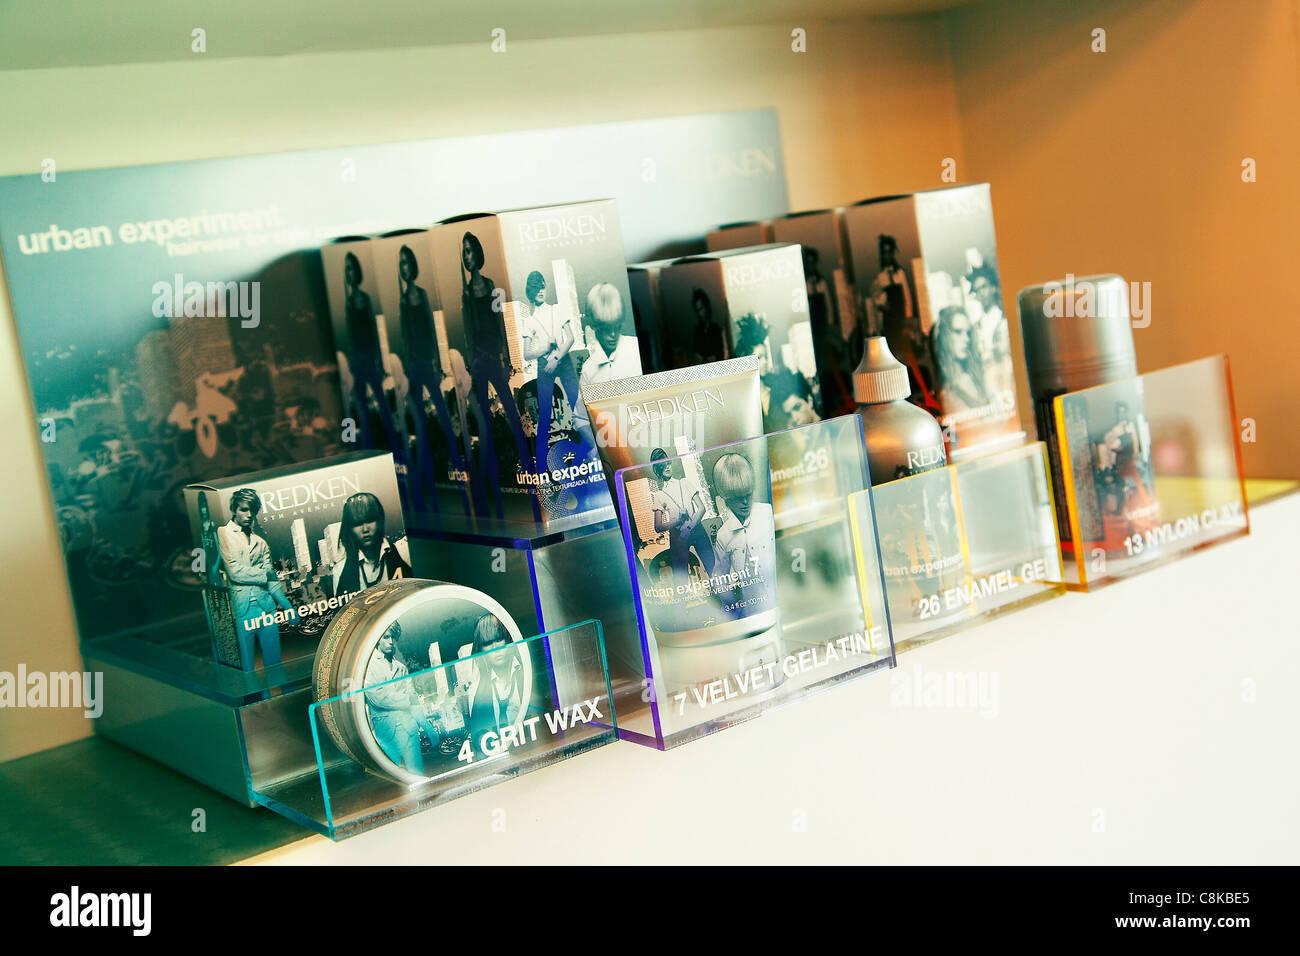 Bottles Display Products Imágenes De Stock & Bottles Display ...